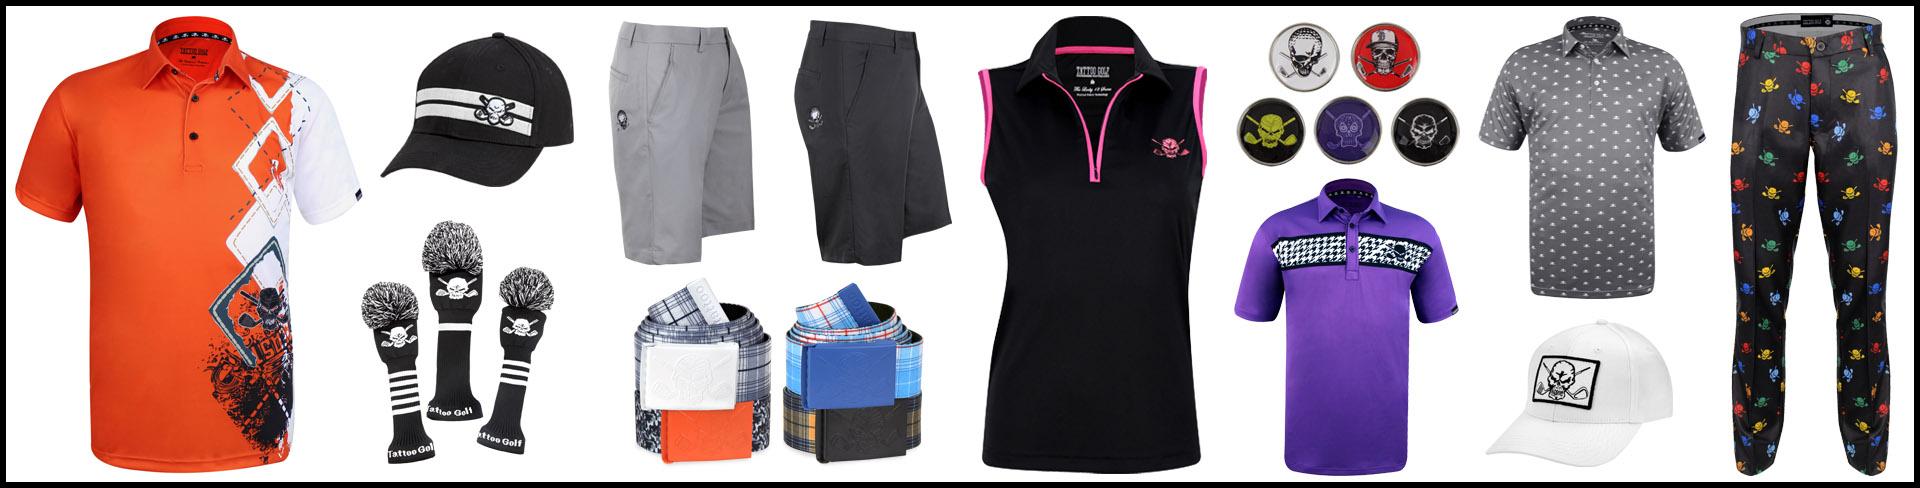 Premium Quality Golf Wear b5ec0ab291c6